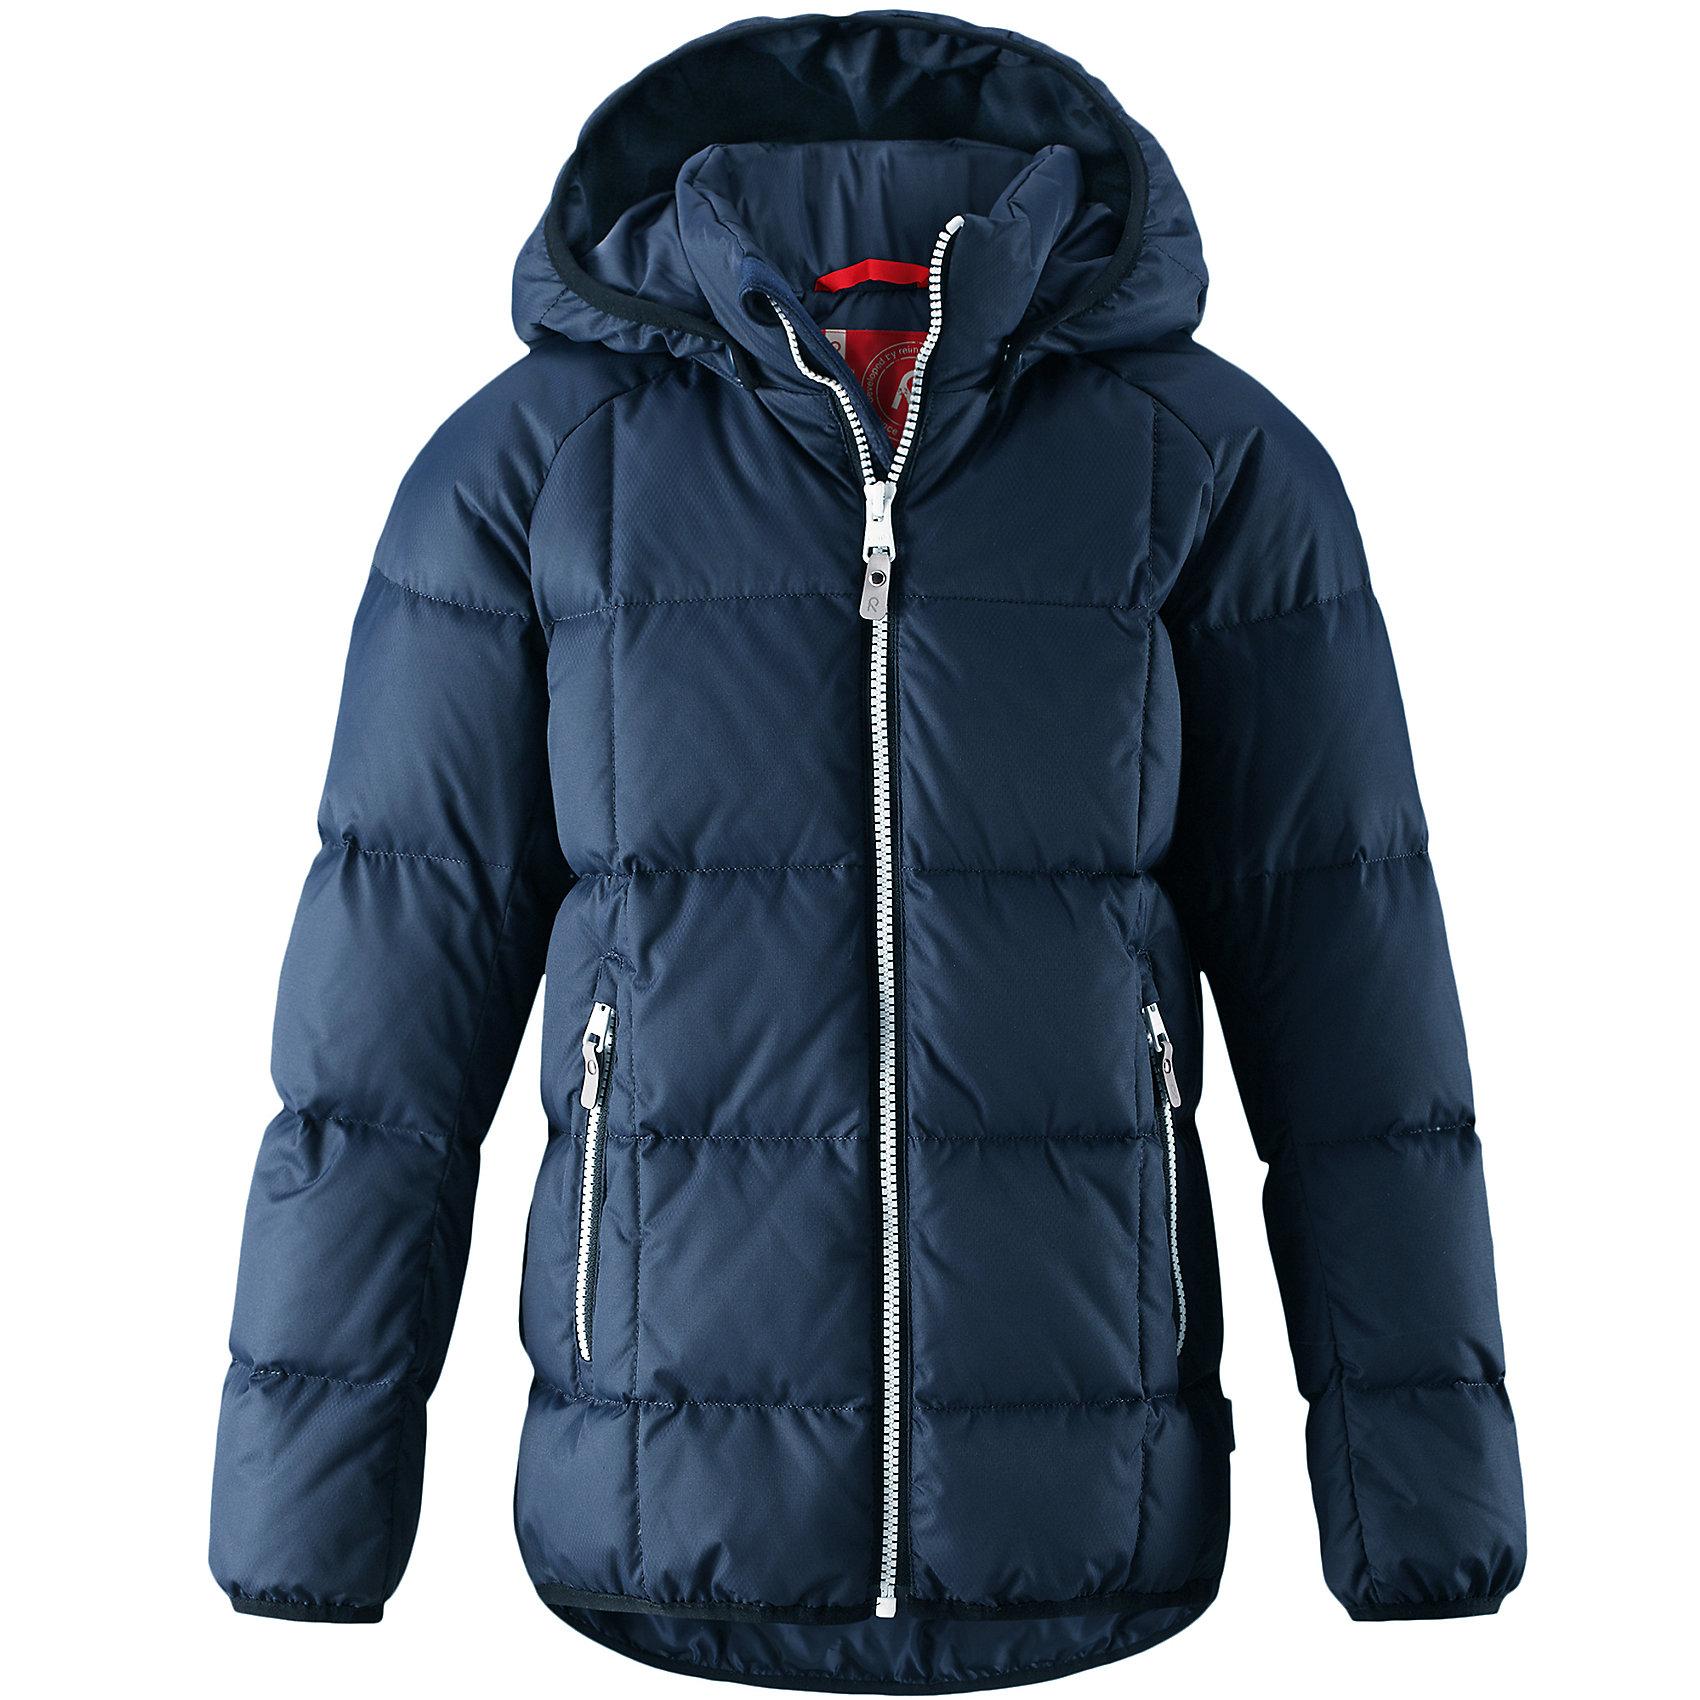 Куртка Reima JordОдежда<br>Куртка-пуховик для детей и подростков в спортивно-городском стиле. Поверхность с ромбовидным узором добби, утеплитель пух/перо (60/40%). Куртка изготовлена из дышащего, водо- и ветронепроницаемого материала, в ней вашему ребенку будет тепло и уютно в морозный день. Эта куртка с подкладкой из гладкого полиэстера легко надевается. <br><br>Снабжена безопасным съемным капюшоном, карманами на молнии и эластичной сборкой по краю капюшона, на манжетах и подоле. Куртка изготовлена из грязеотталкивающего материала, но при этом ее можно сушить в сушильной машине. <br>Состав:<br>100% Полиэстер<br><br>Ширина мм: 356<br>Глубина мм: 10<br>Высота мм: 245<br>Вес г: 519<br>Цвет: синий<br>Возраст от месяцев: 156<br>Возраст до месяцев: 168<br>Пол: Унисекс<br>Возраст: Детский<br>Размер: 164,104,110,116,122,128,134,140,146,152,158<br>SKU: 6903148